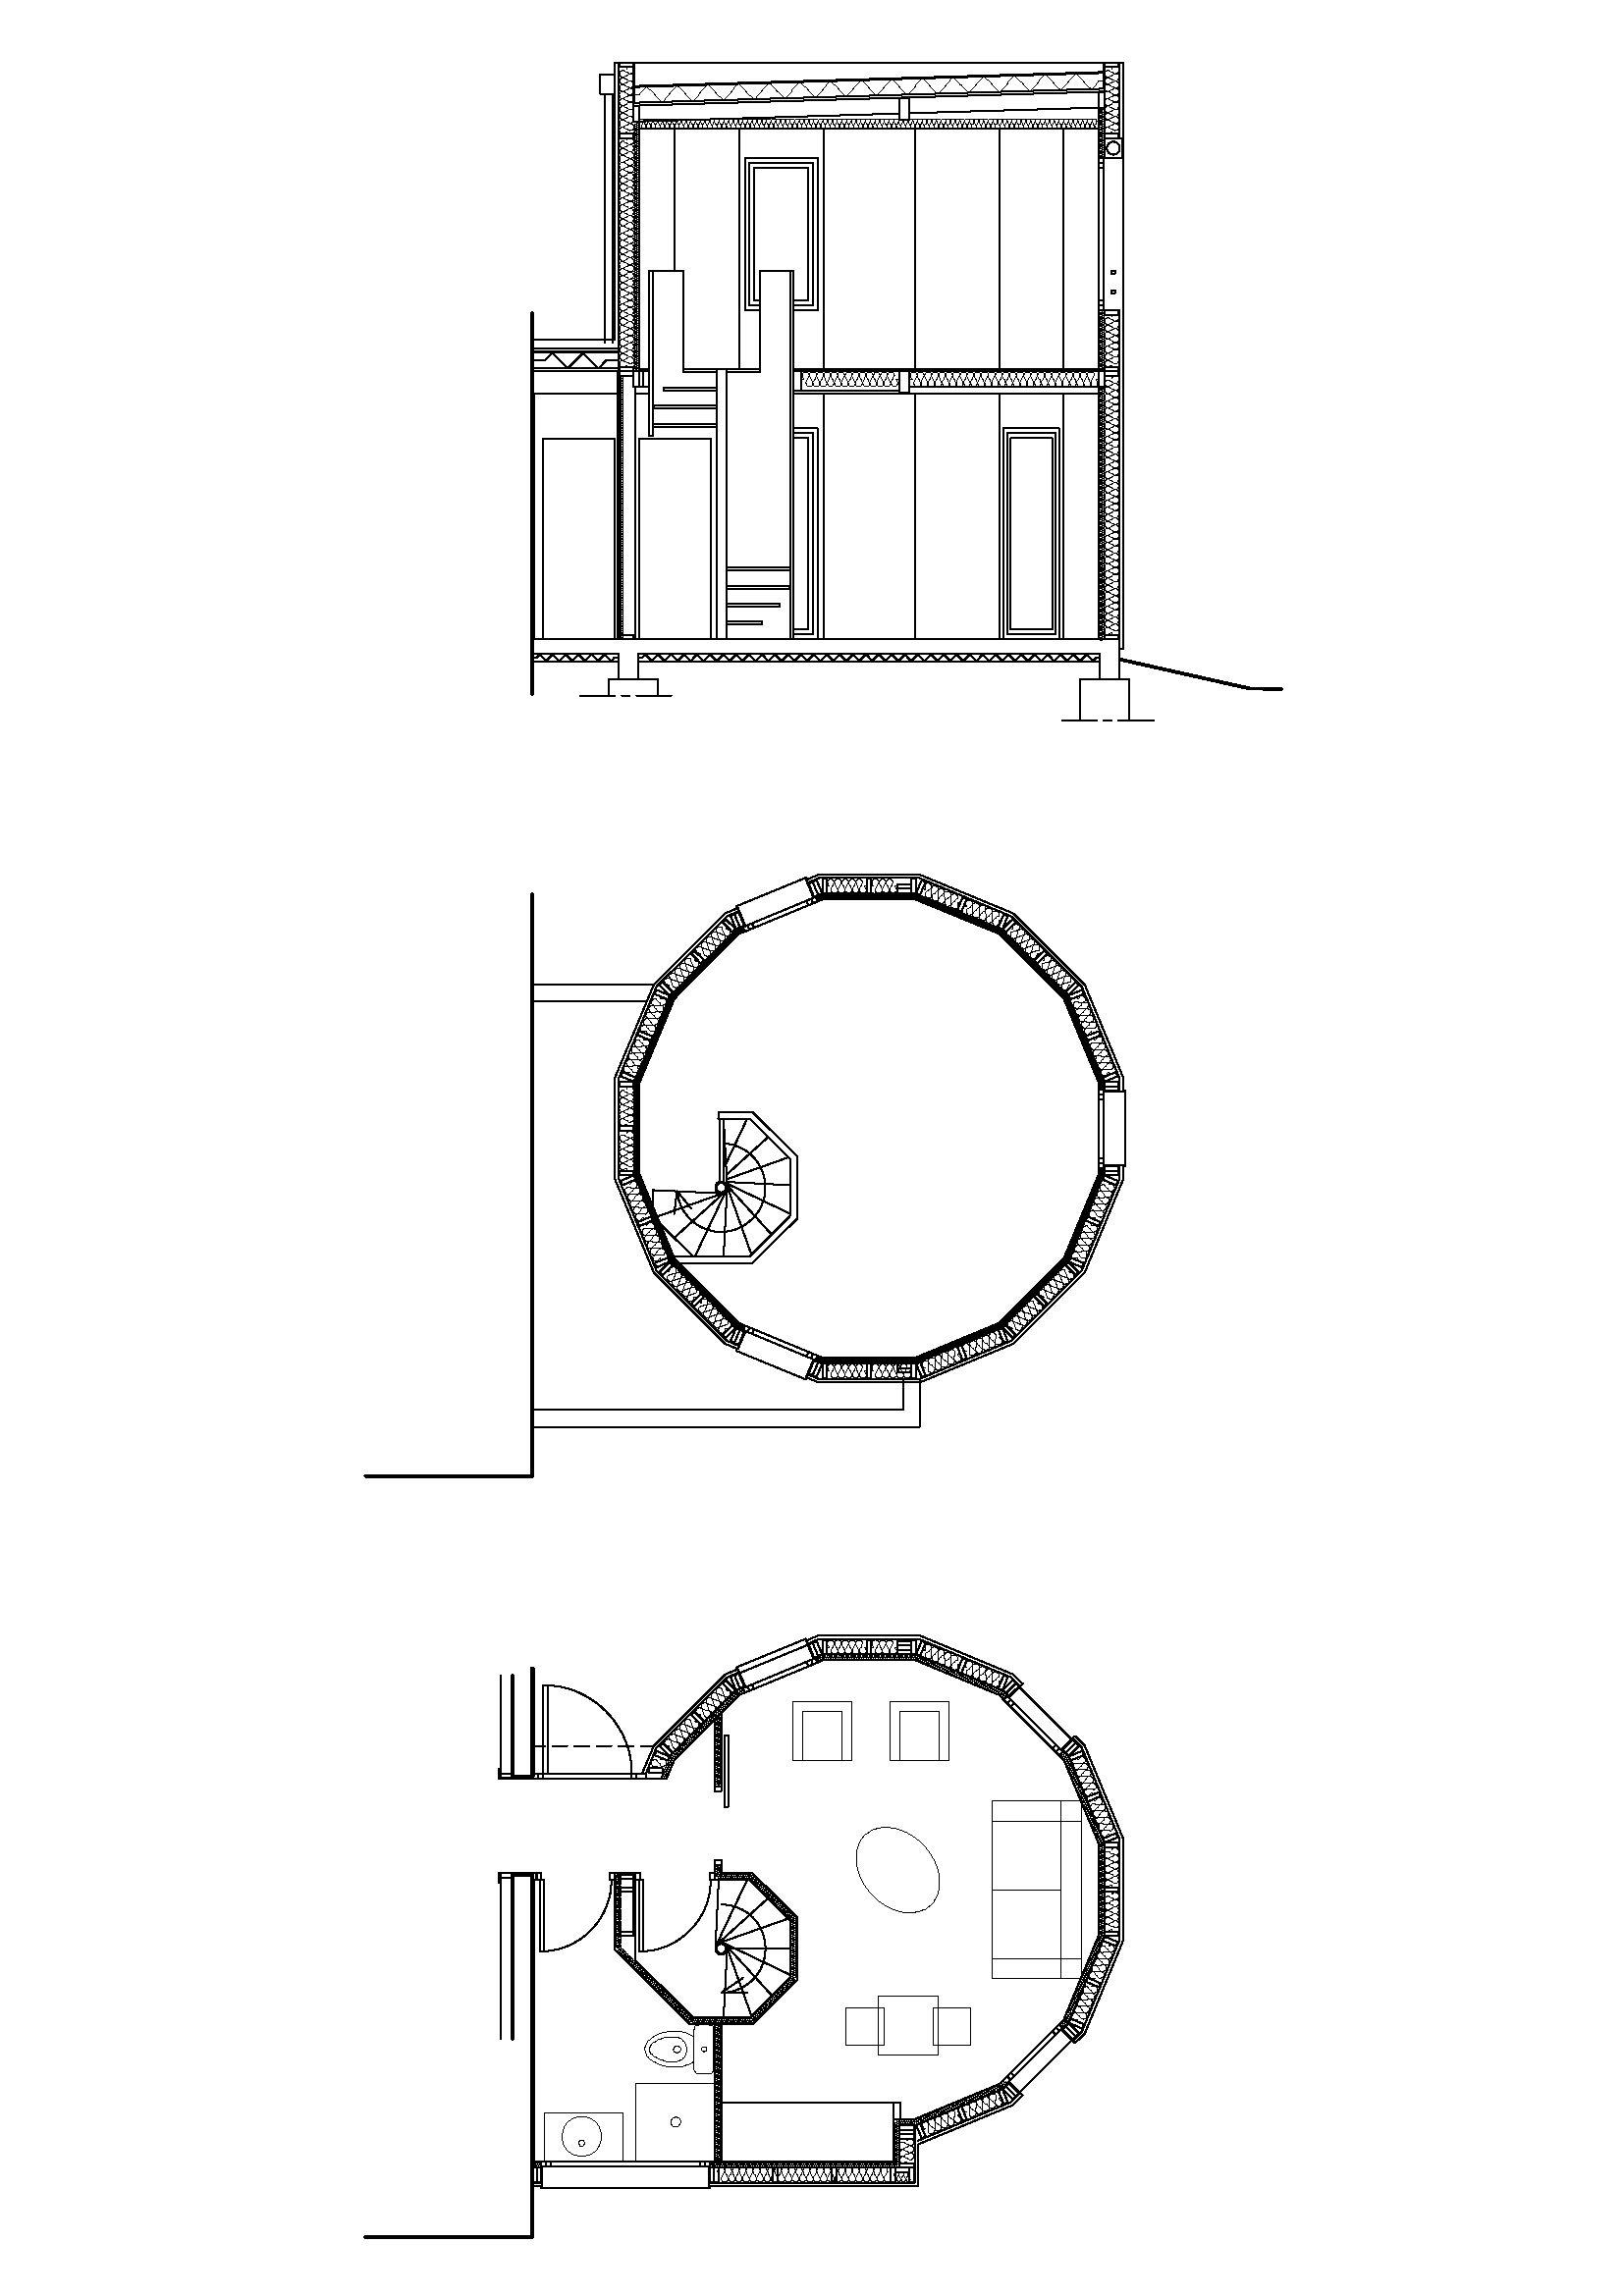 Plans de l'extension